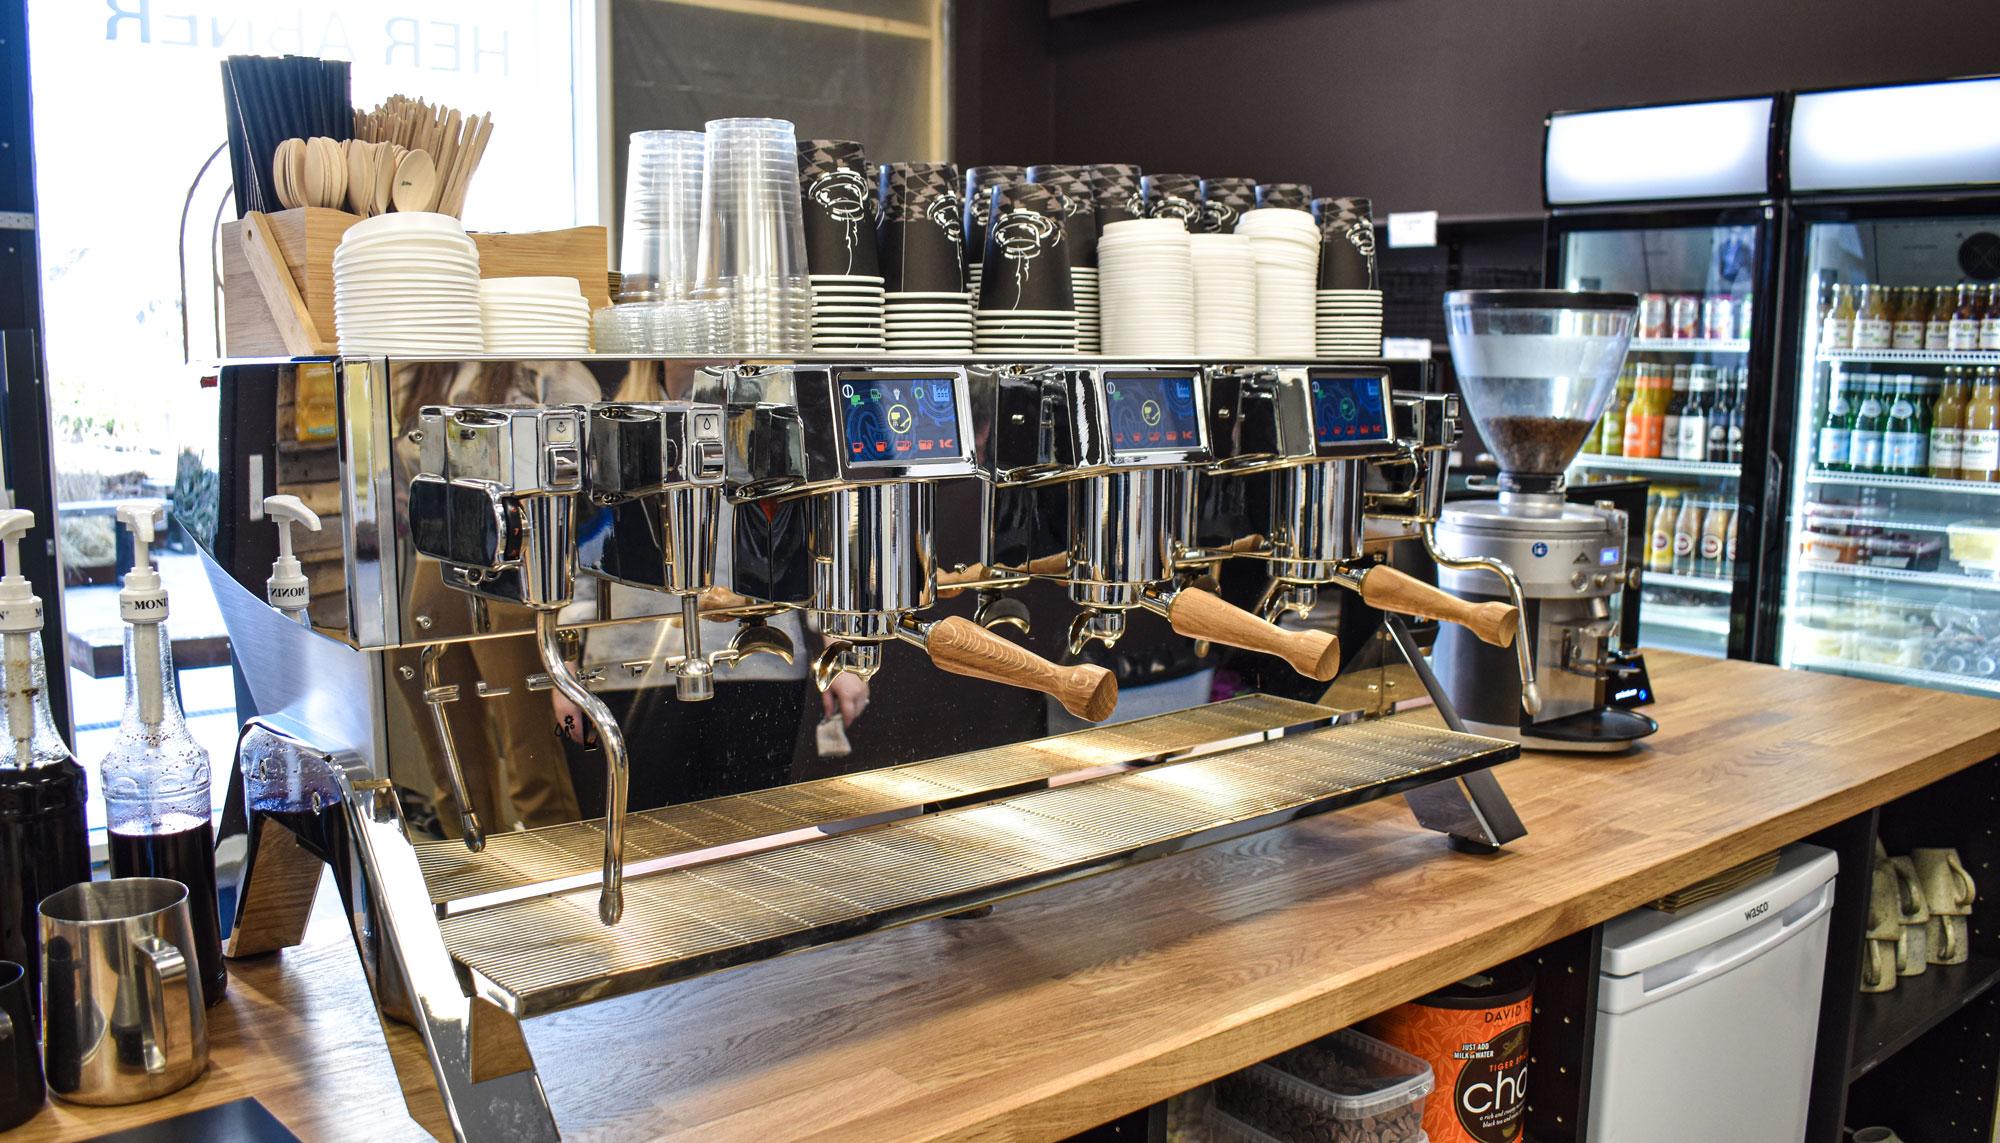 220 kvm. bageri og kaffebar: I morgen genåbner Surdejsbageren